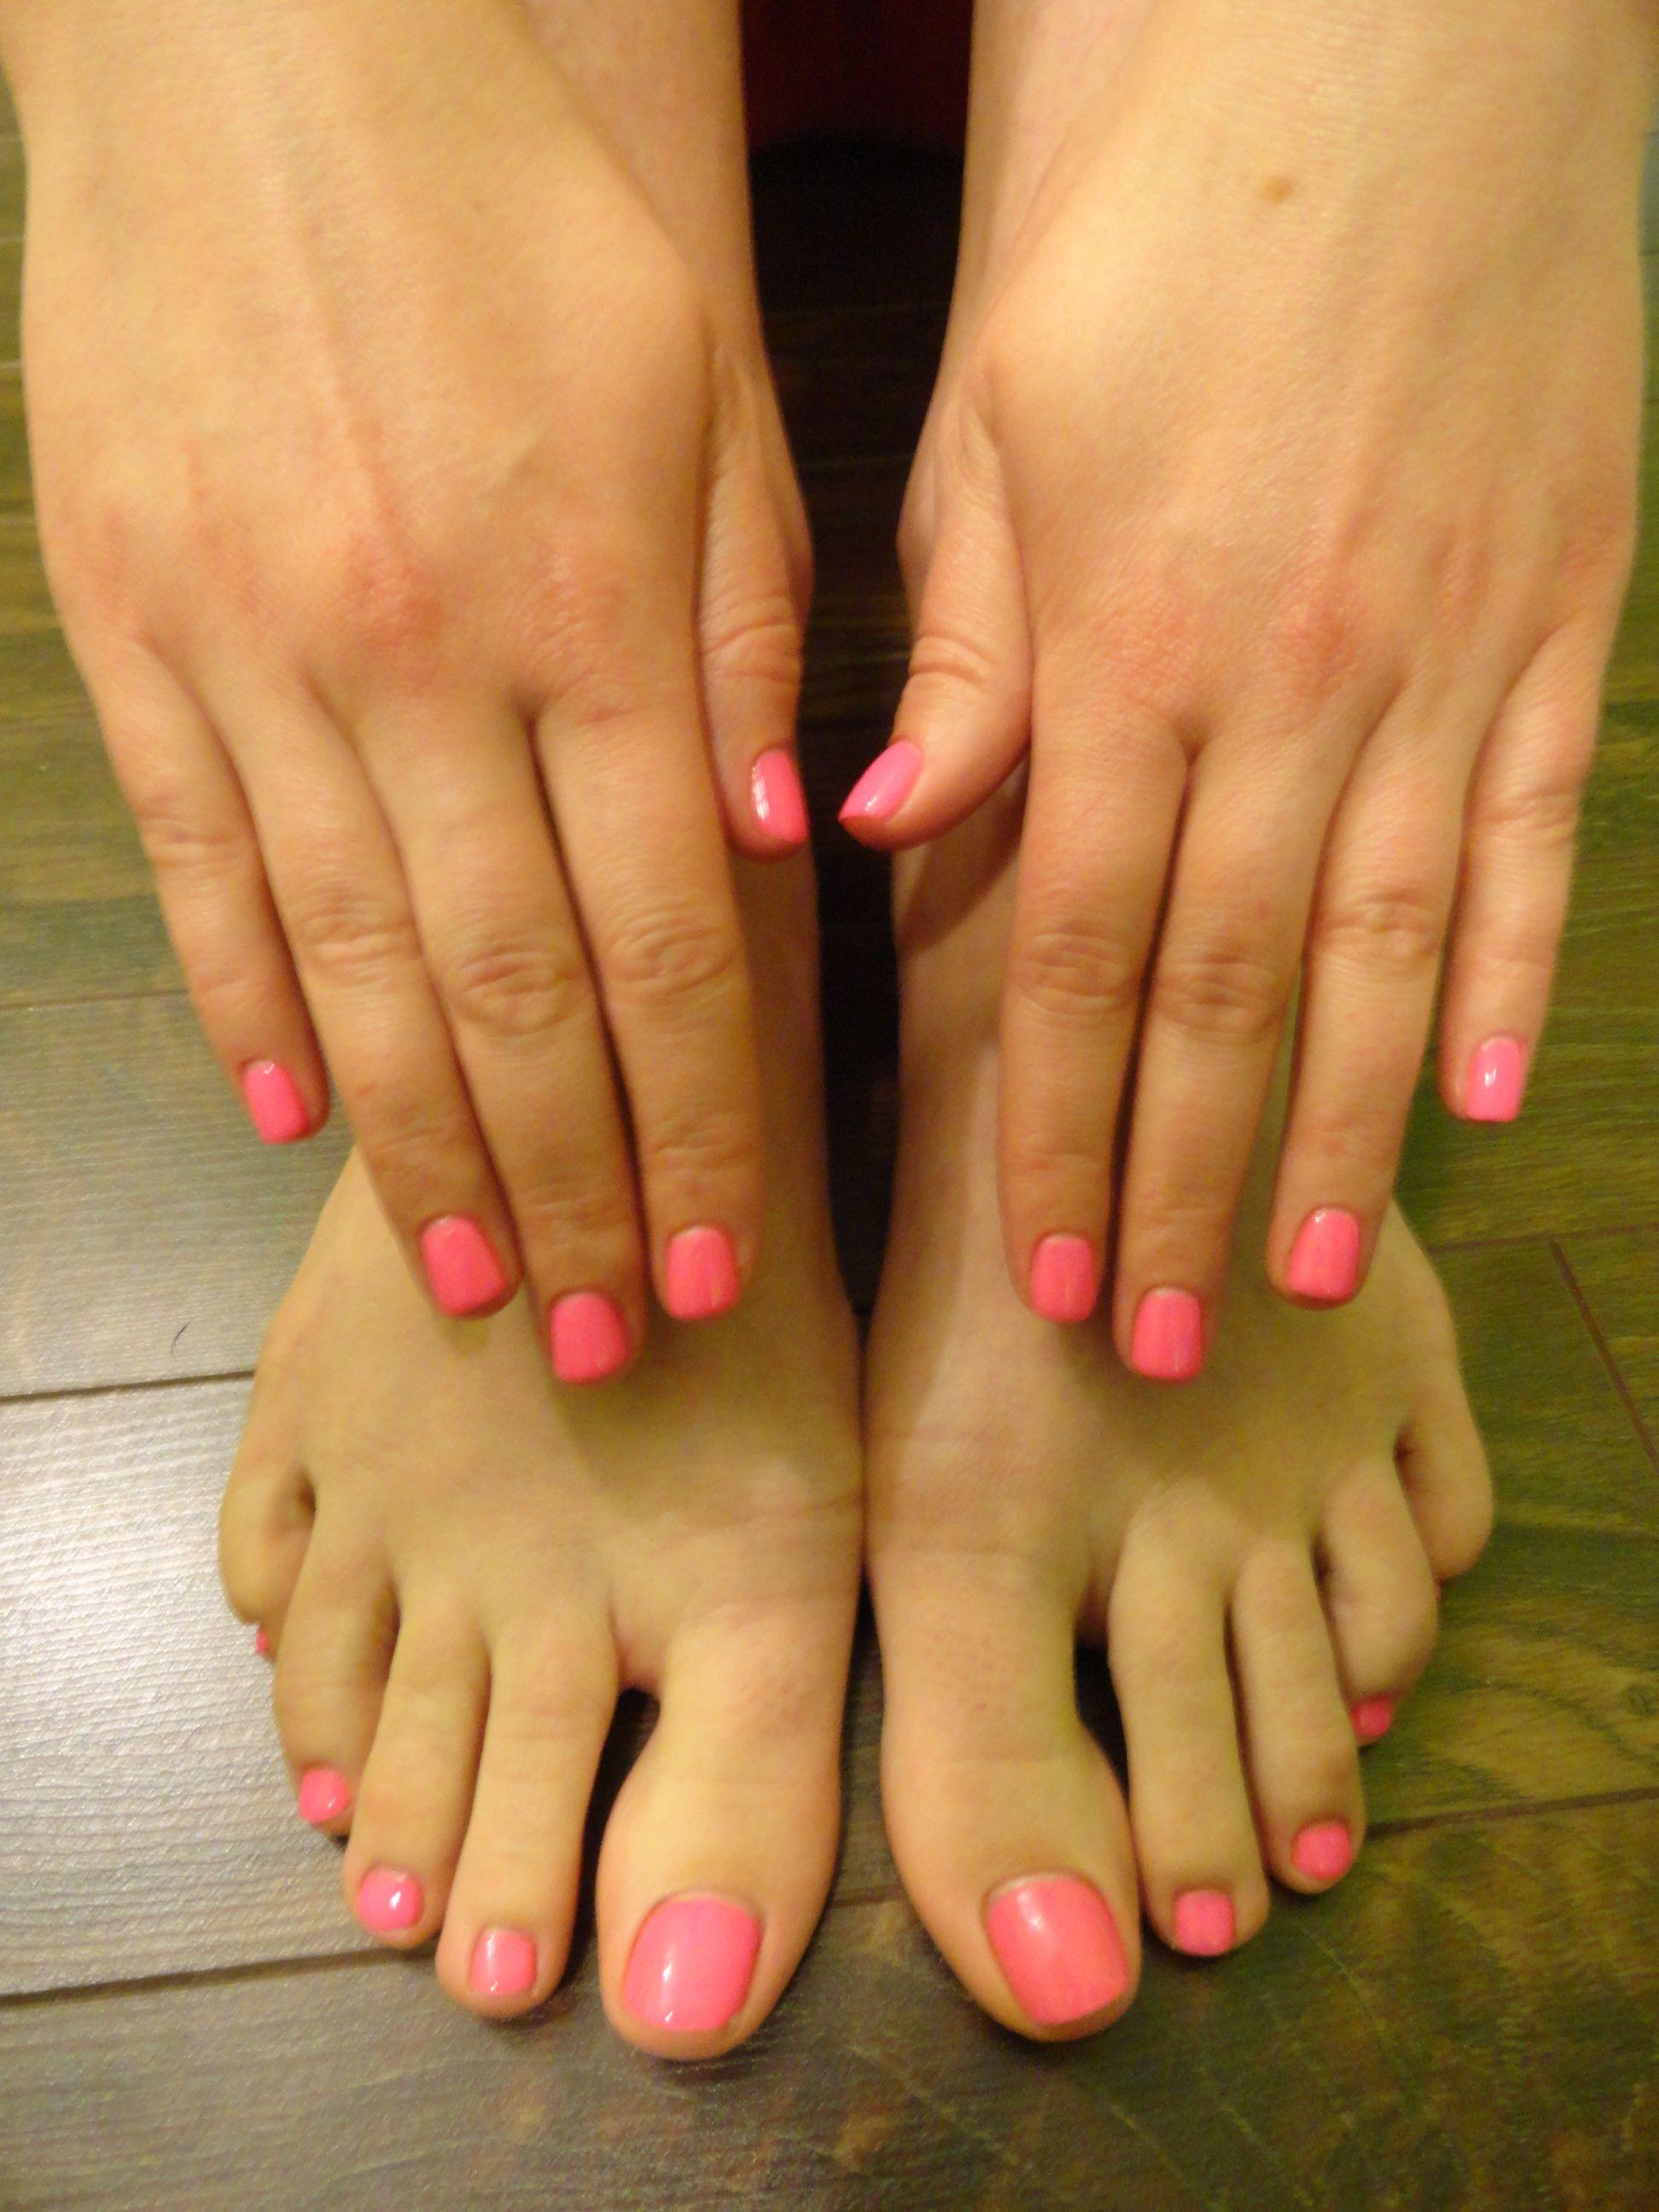 Pink Shellac Nails Amp Toes Pink Shellac Nails